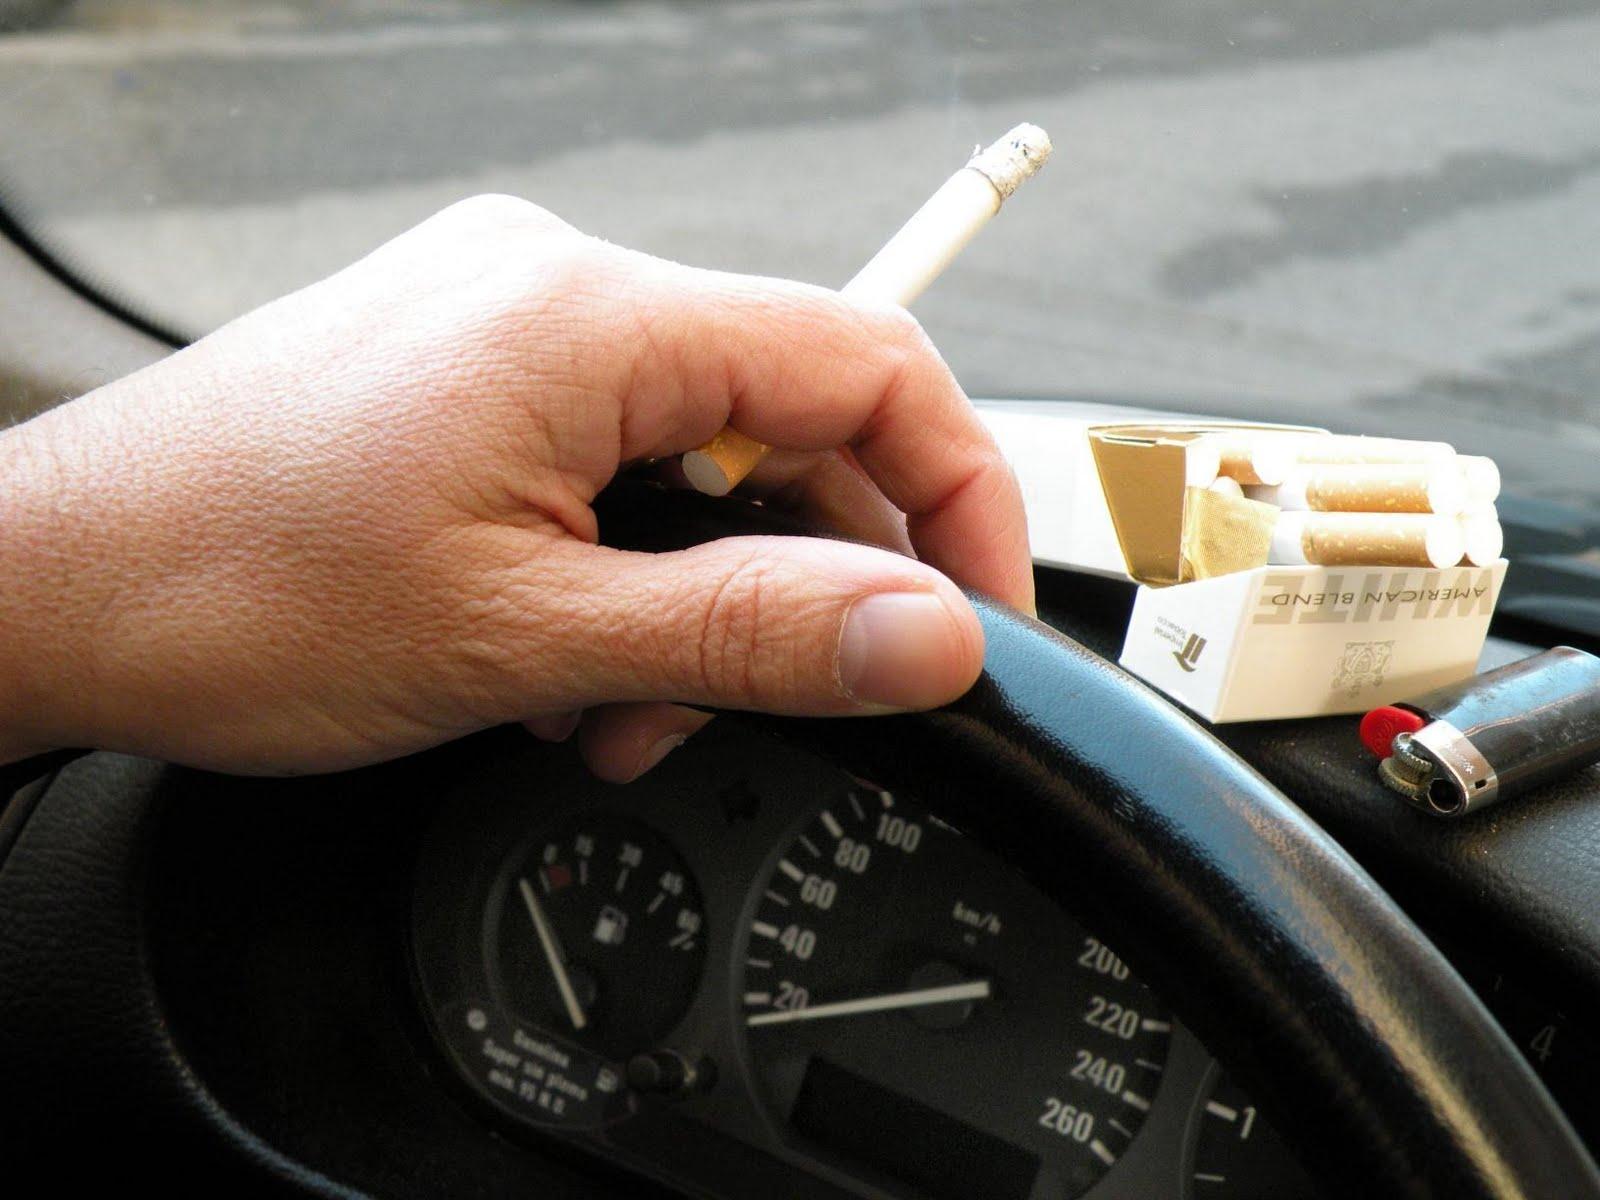 El Consejo General de Enfermería insta al Gobierno y a la DGT a prohibir fumar en los coches y no dilatar más una medida que salvaría vidas